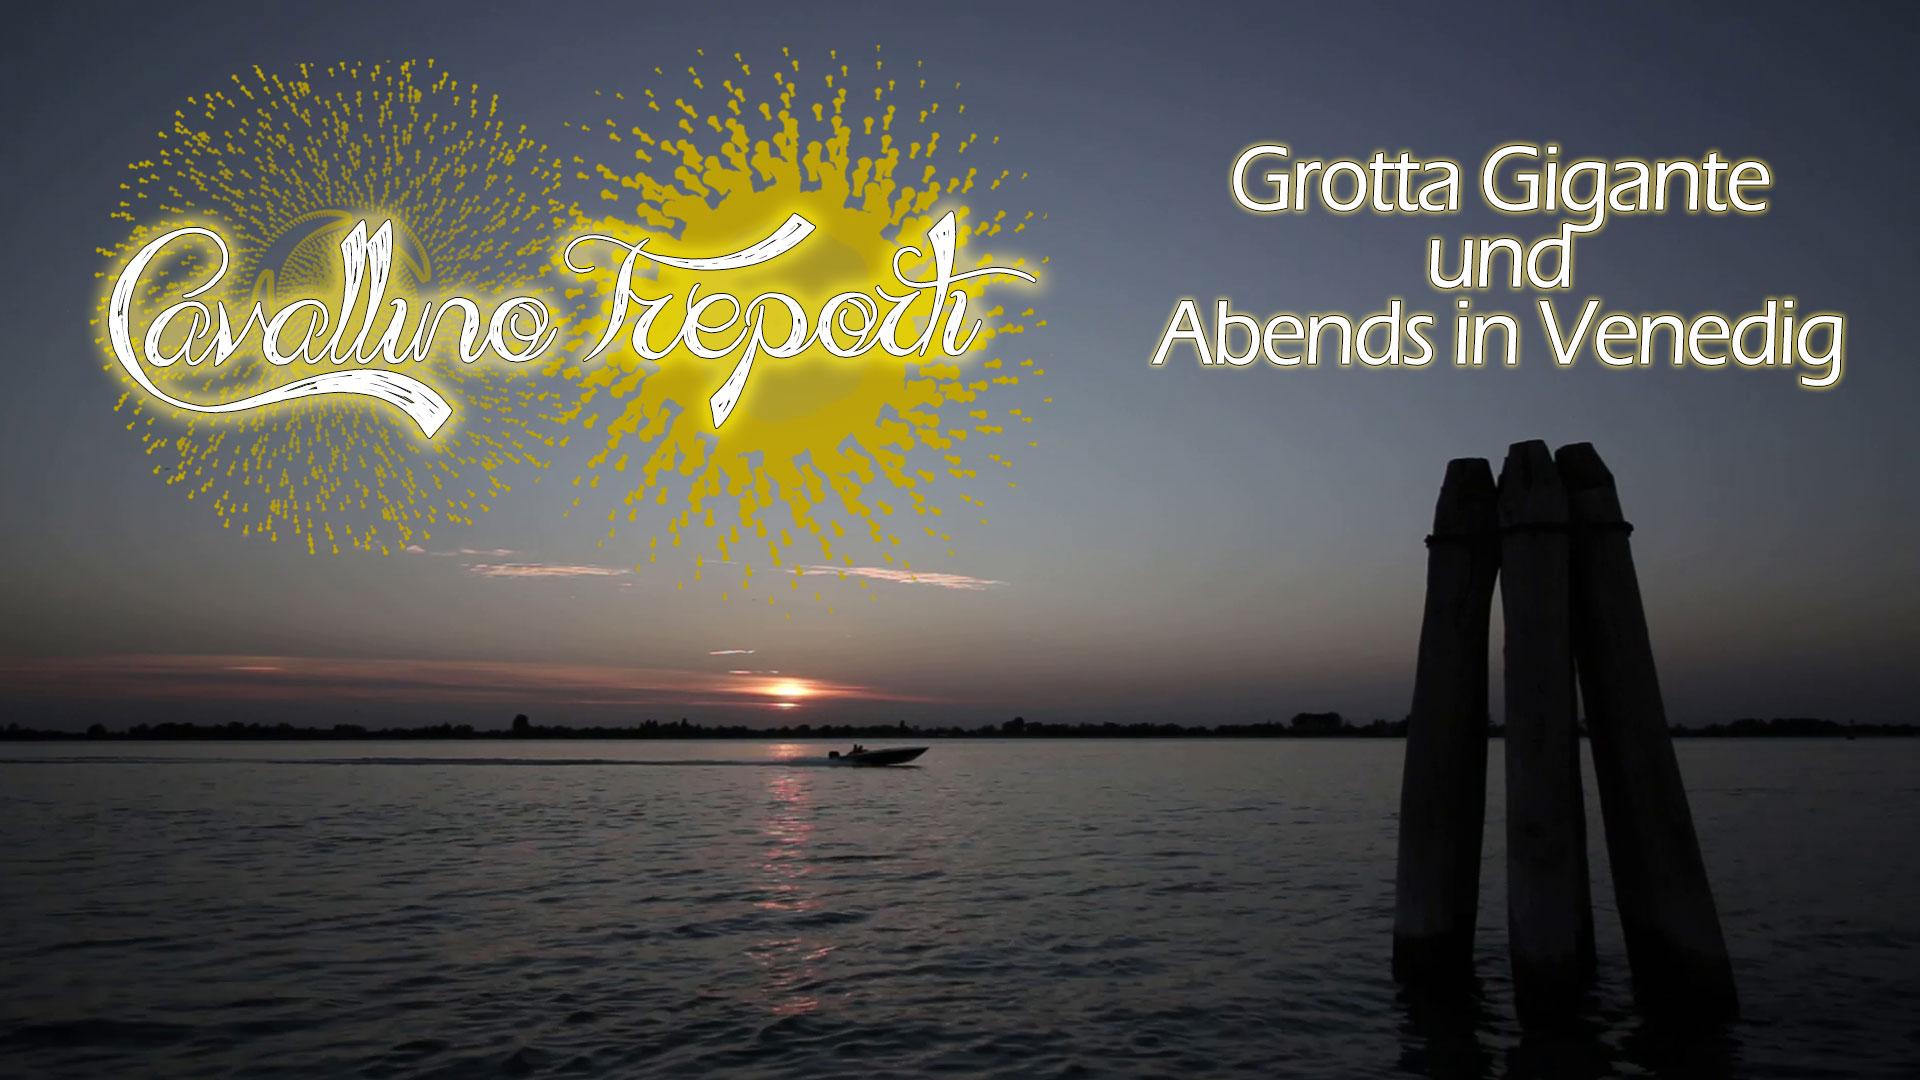 Cavallino Treporti - Grotta Gigante & Venedig